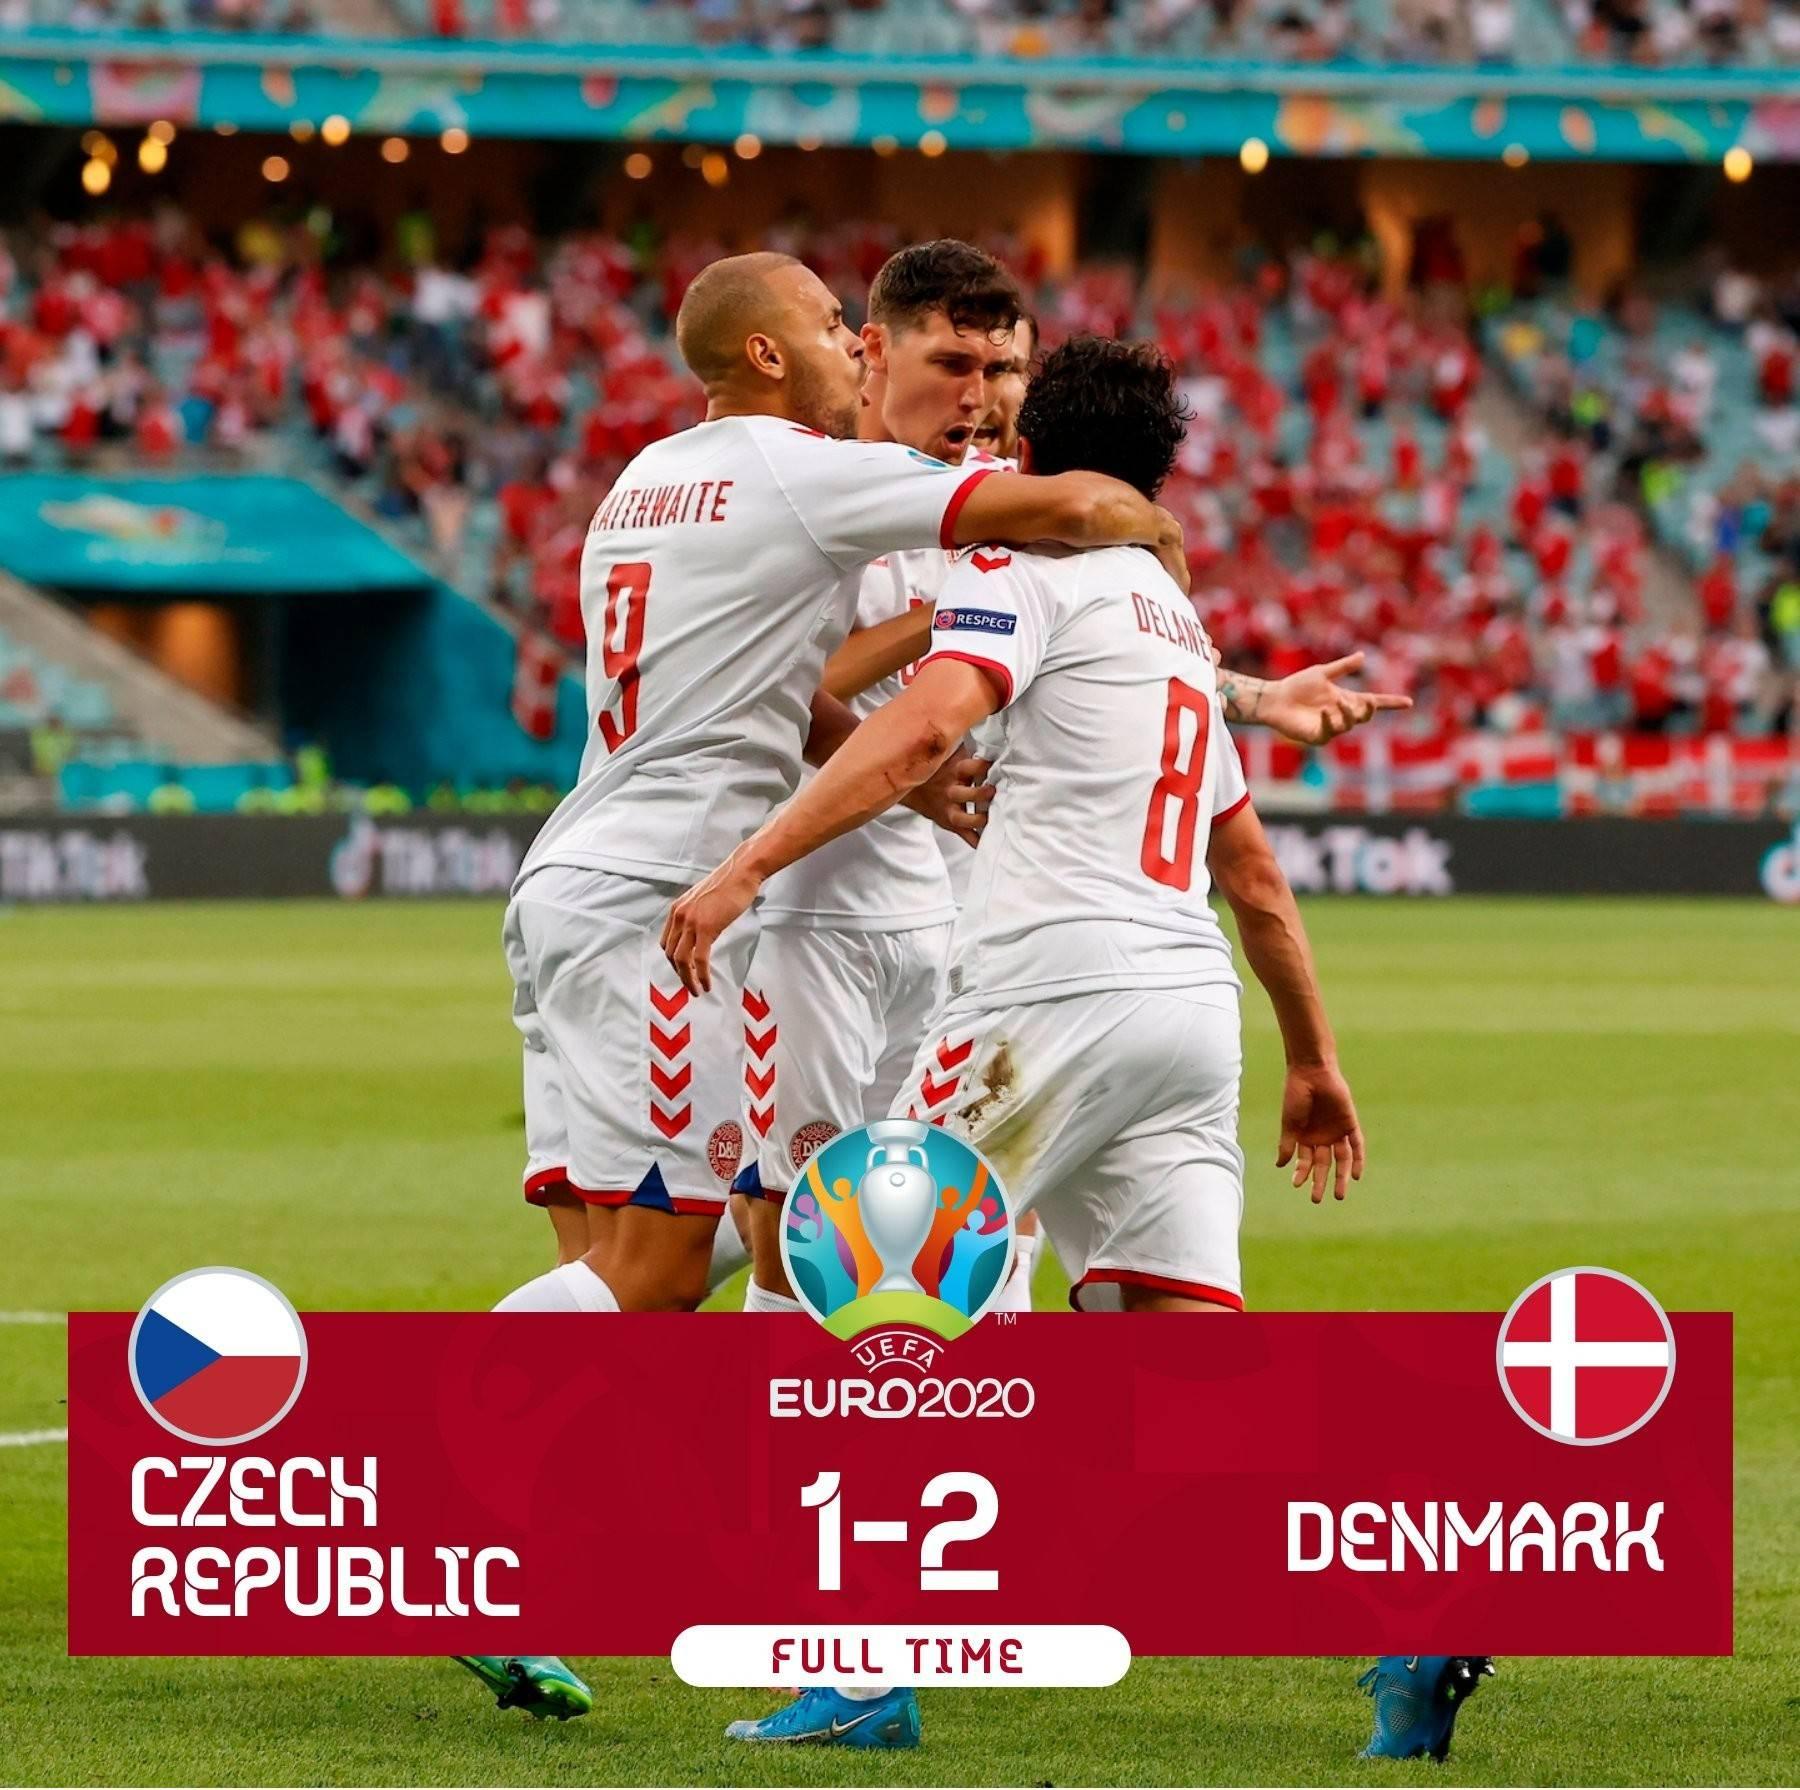 欧洲杯战报德莱尼、多尔贝里建功,丹麦2-1捷克晋级半决赛